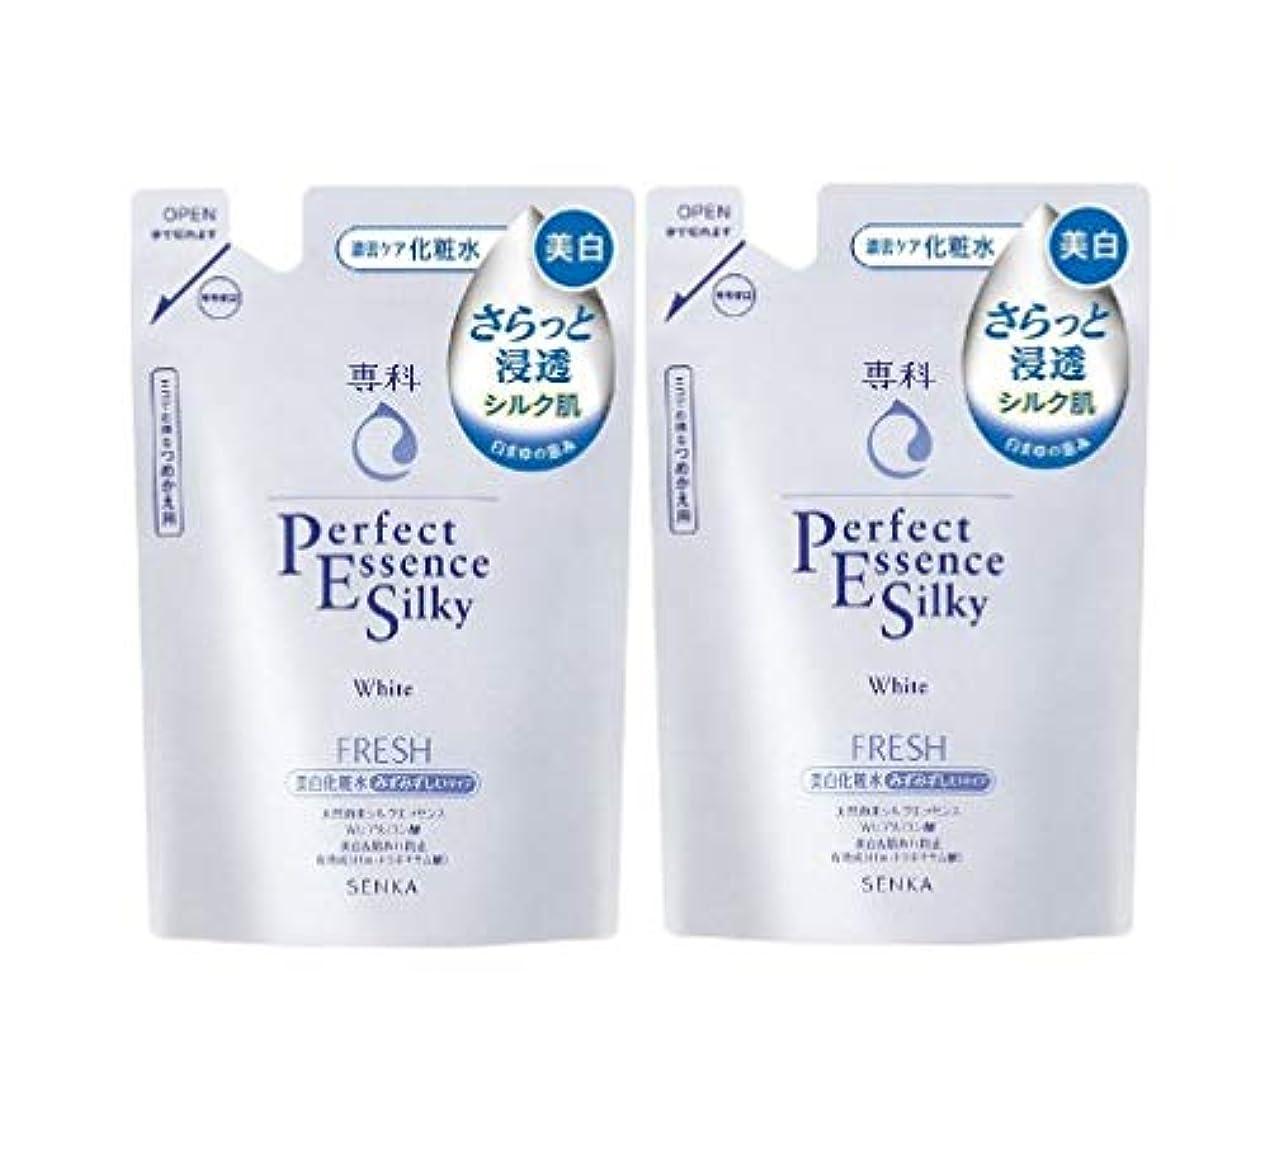 (2個セット) 専科 パーフェクトエッセンス シルキーホワイト フレッシュ 詰め替え用 美白化粧水 180ml×2袋 (医薬部外品)